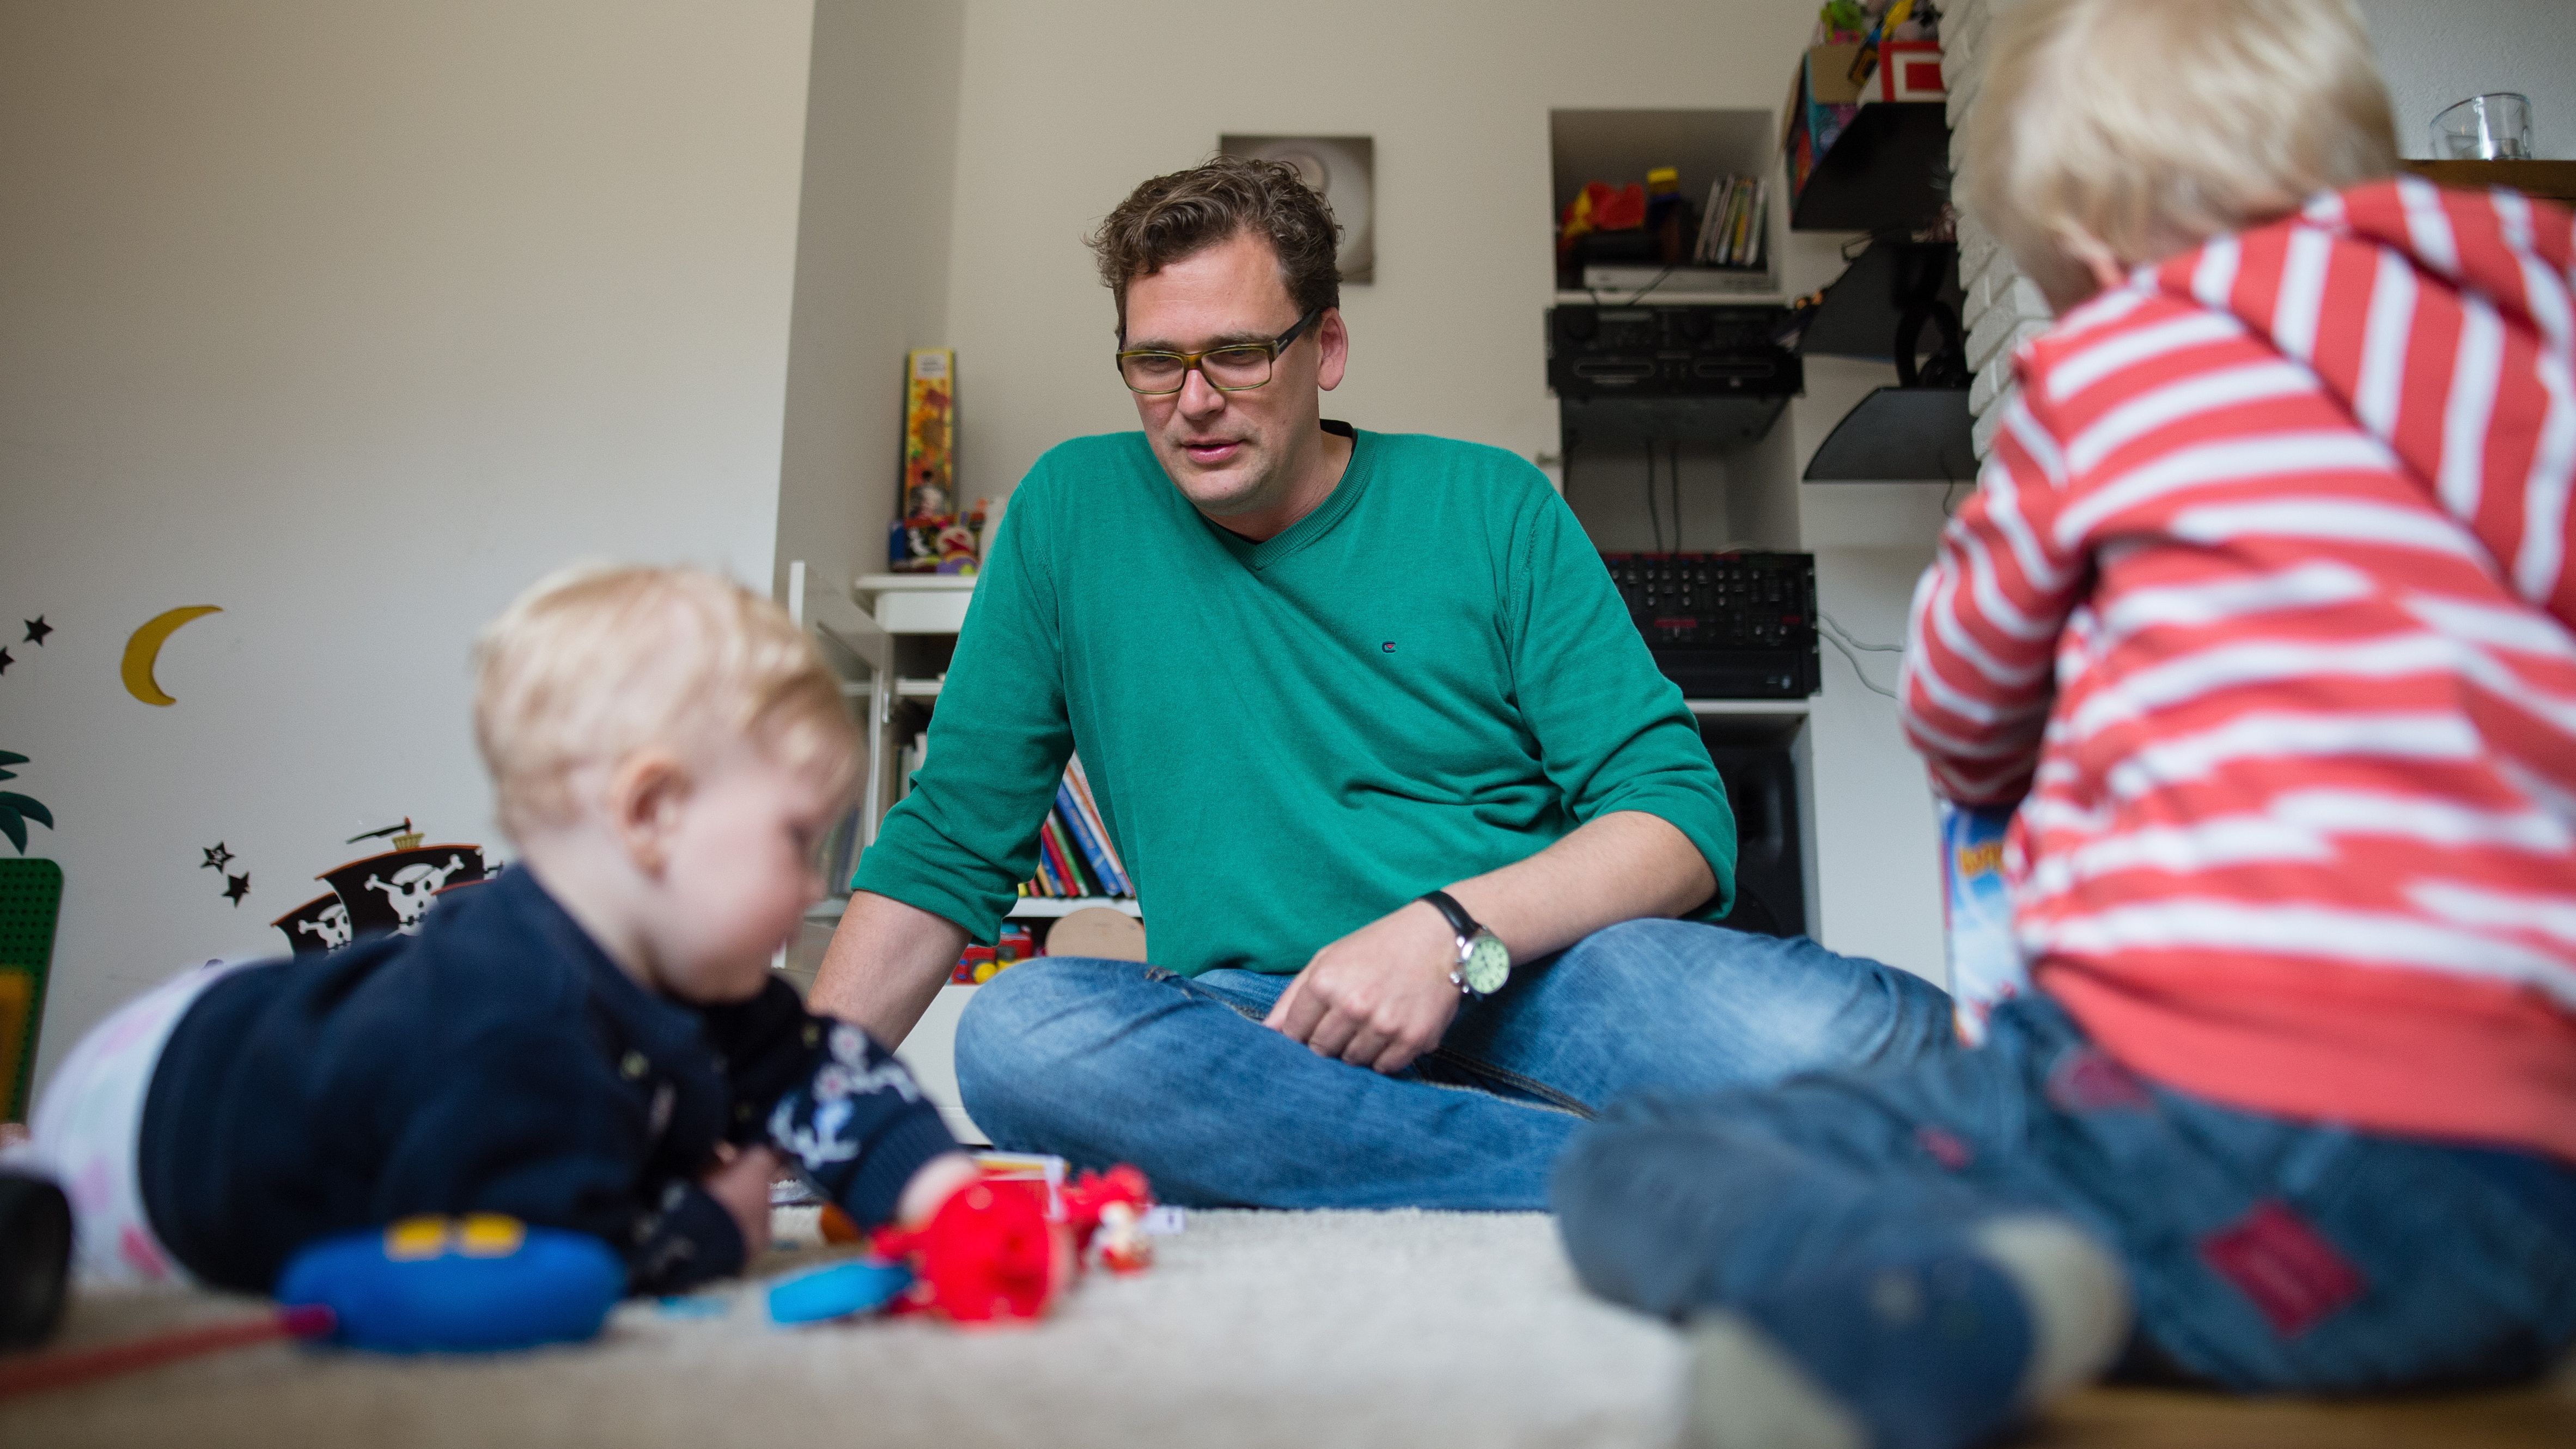 Väter in Elternzeit